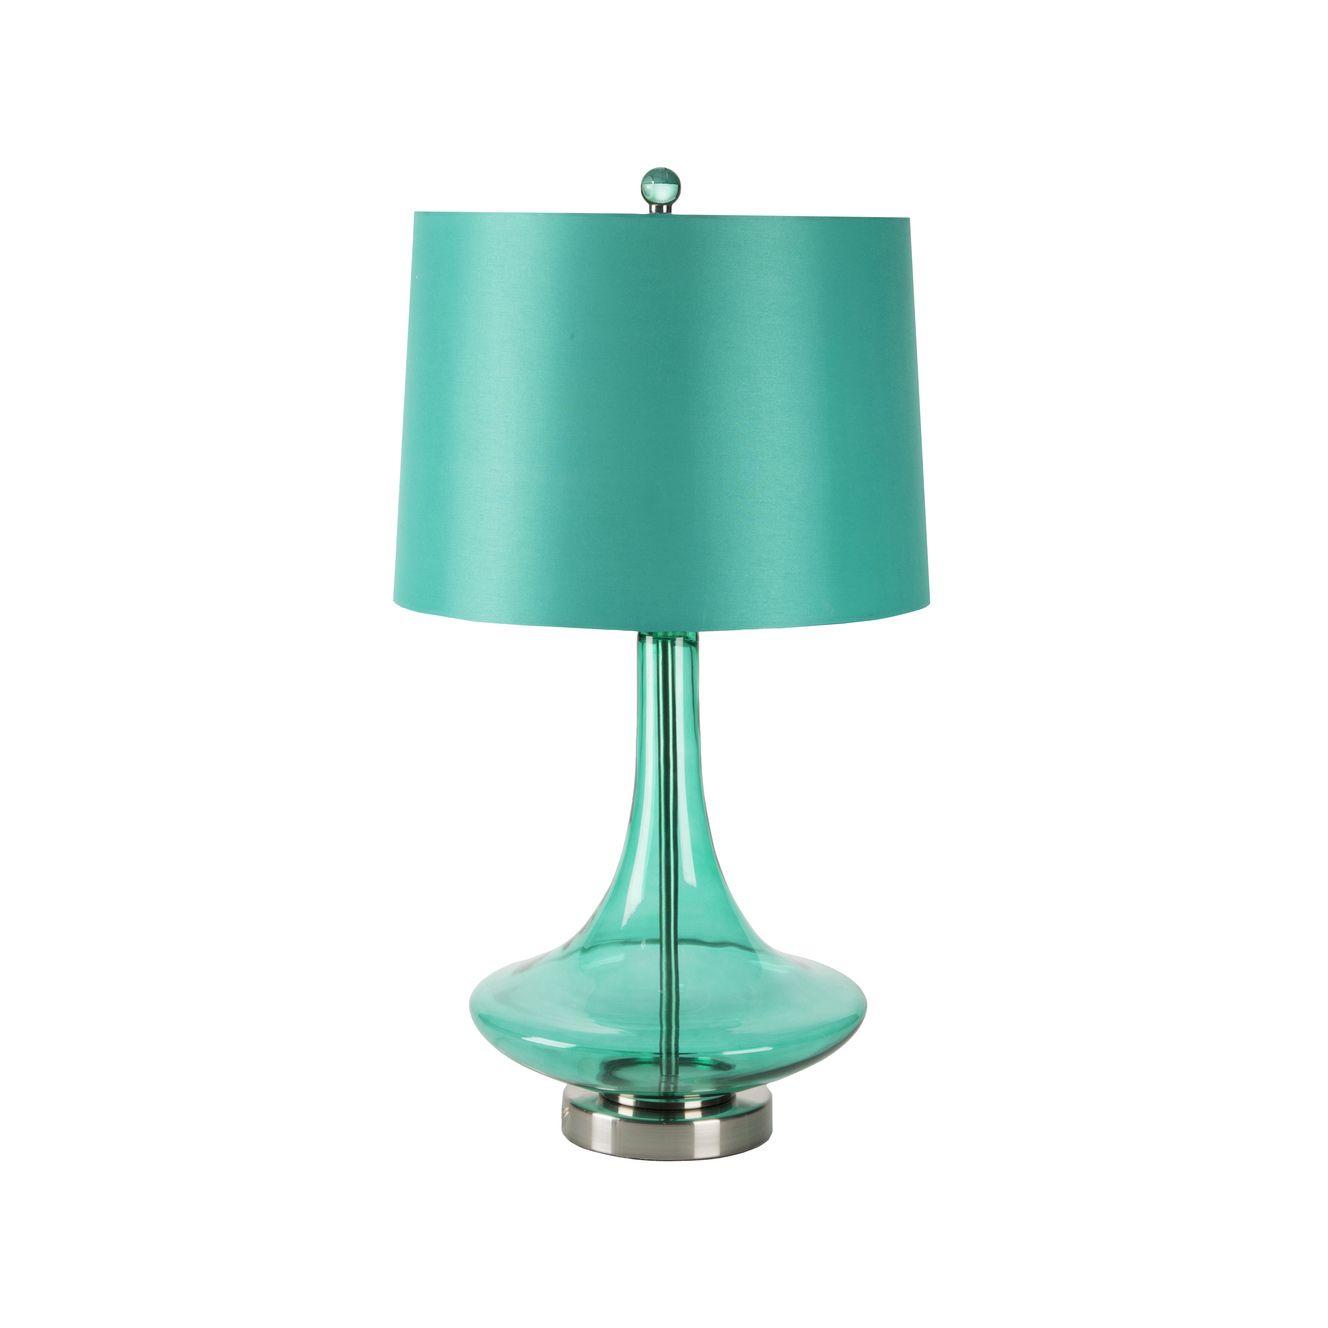 Halima Lamp in Green   dotandbo.com